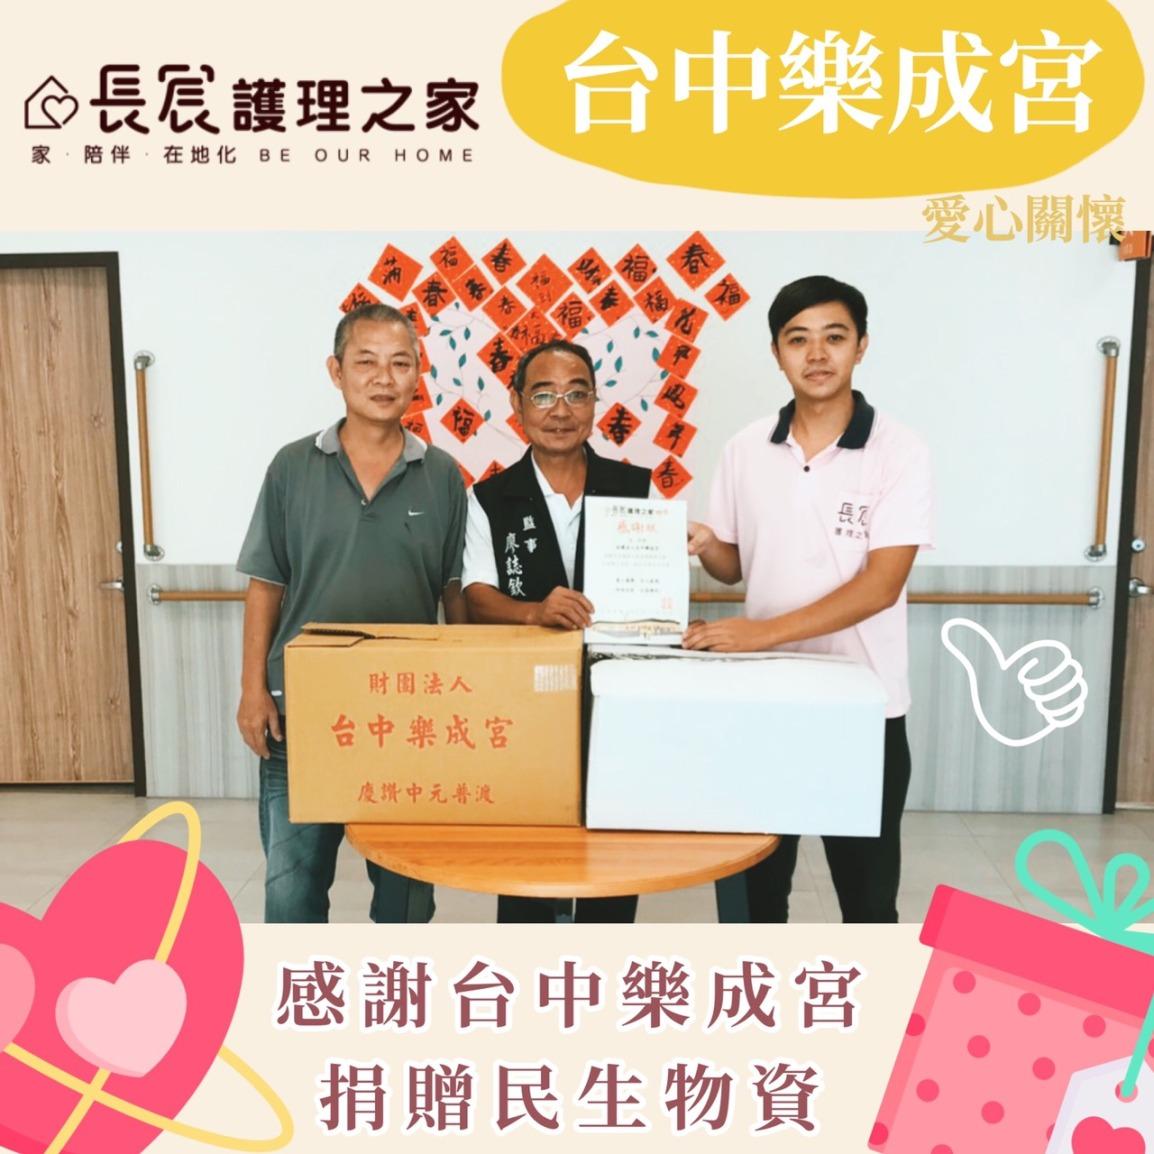 【企業關懷】感謝台中樂成宮捐贈民生物資📦📦